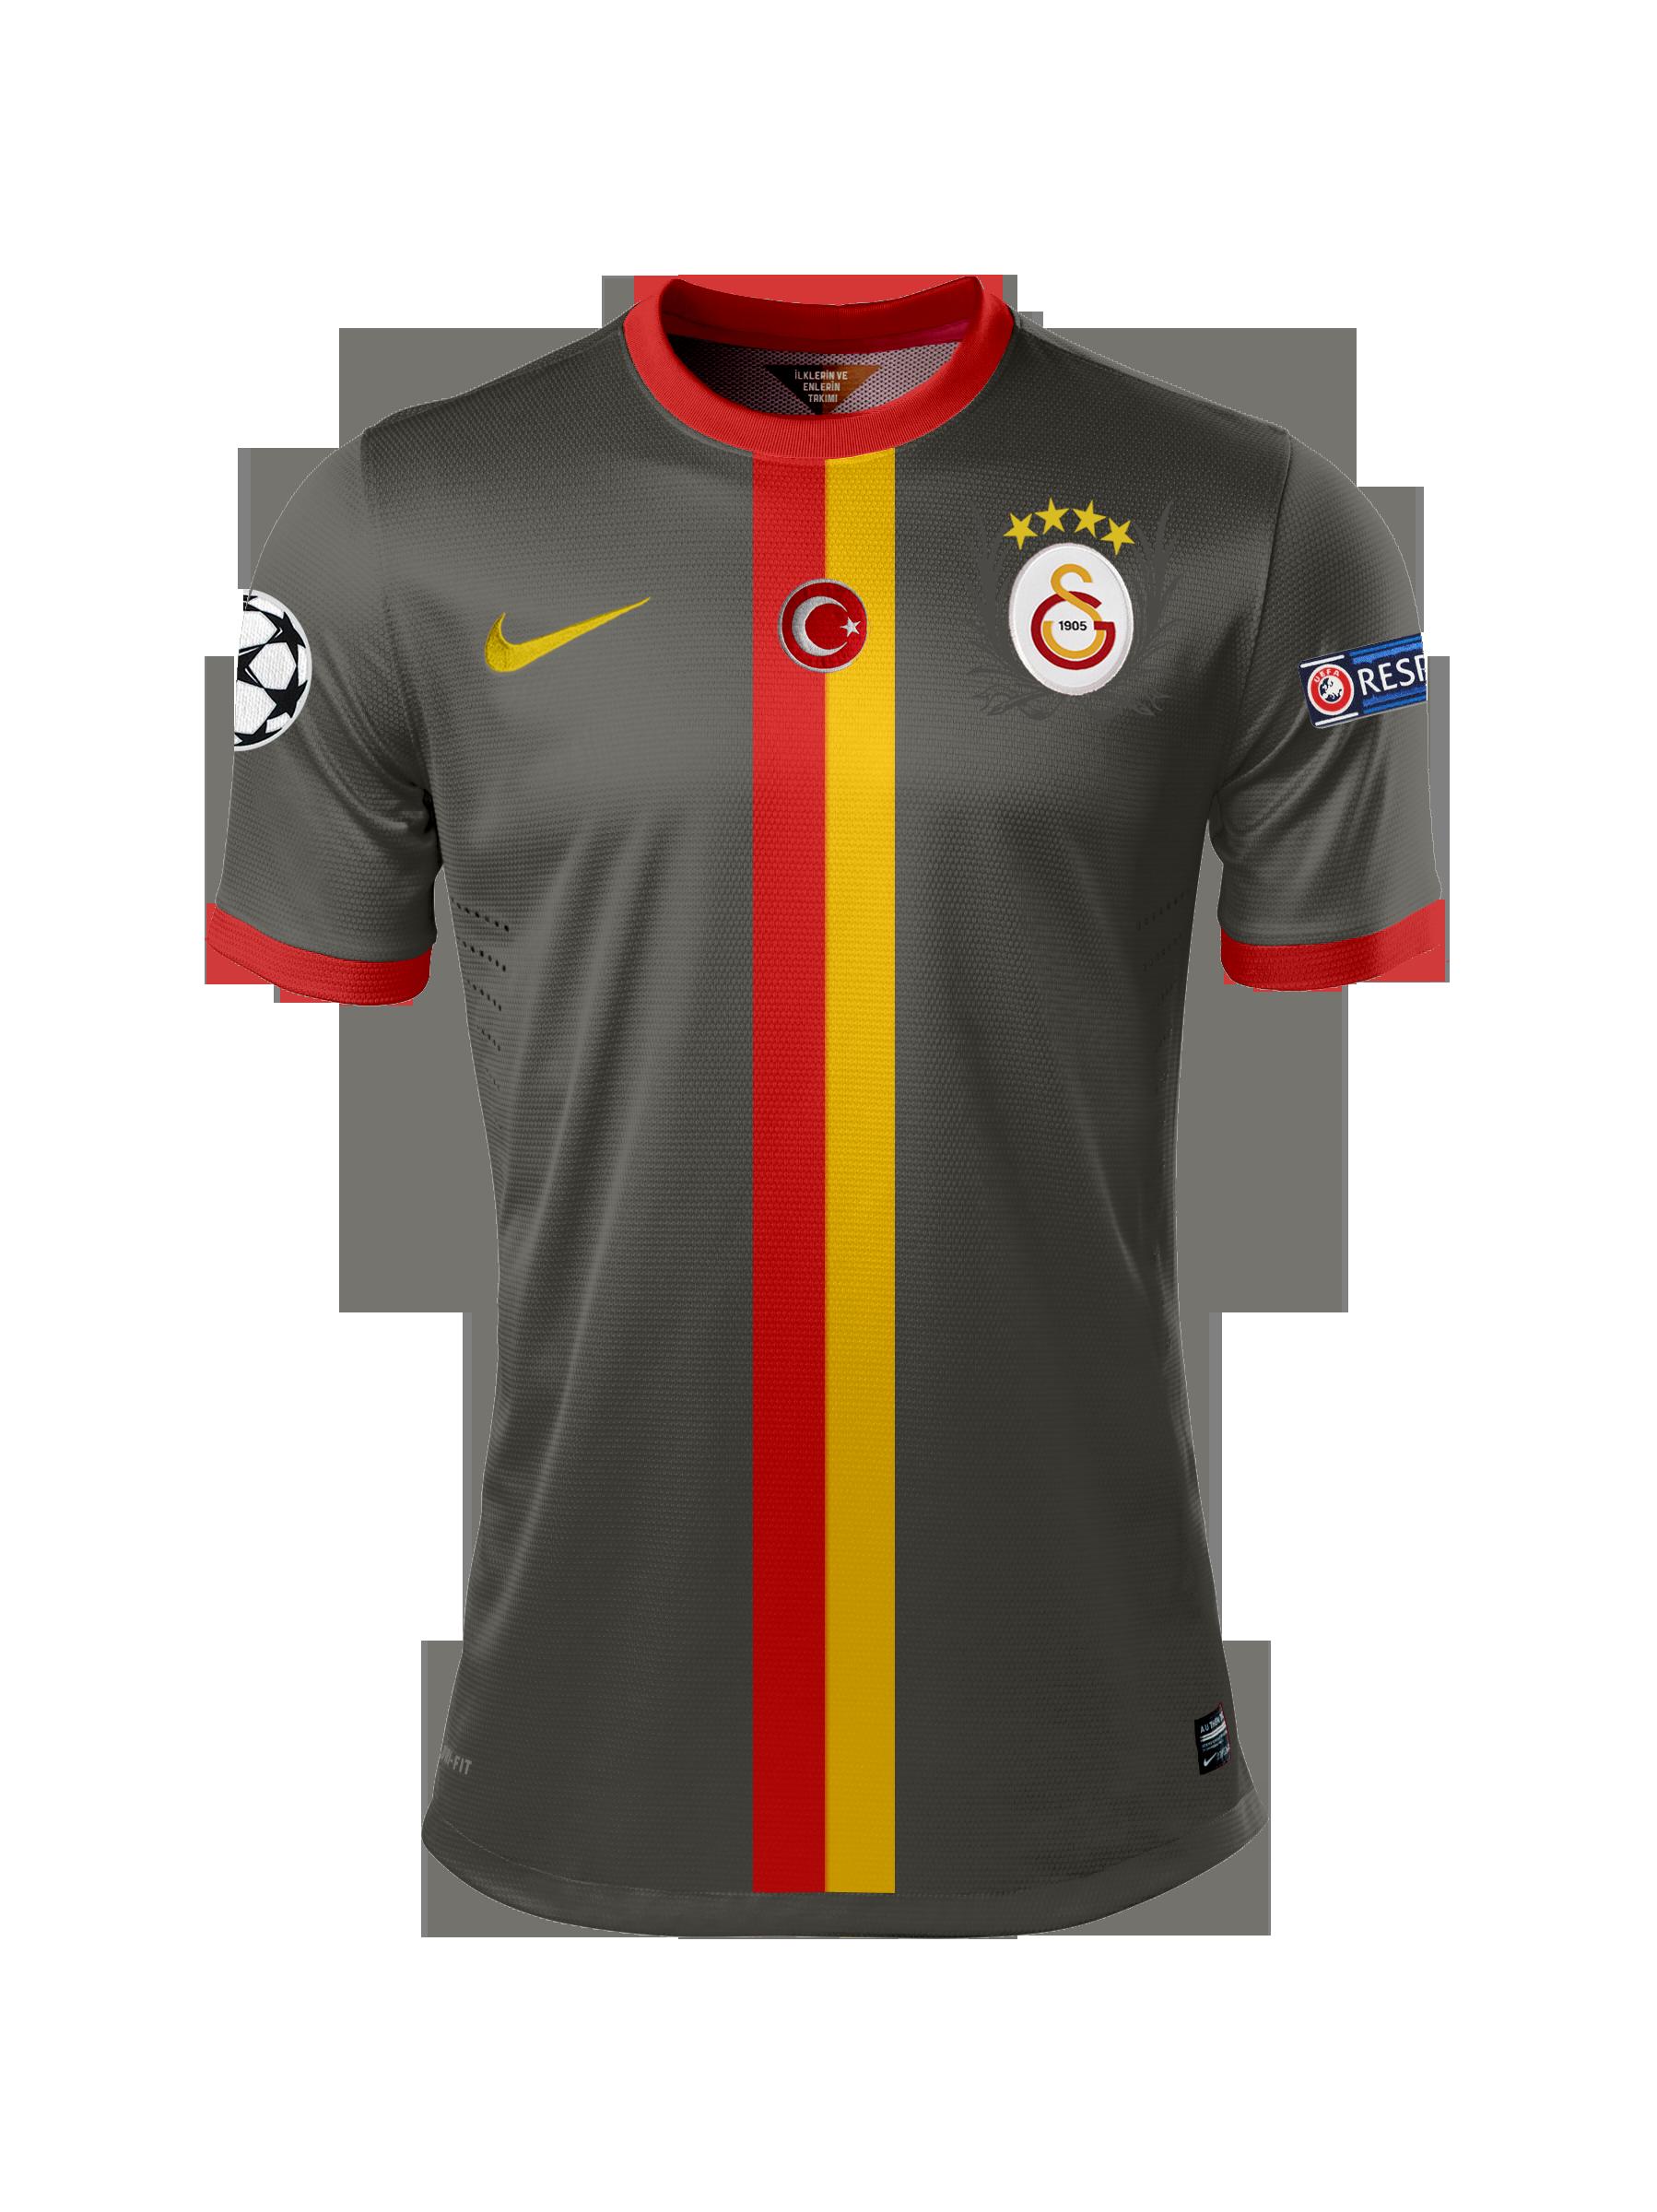 Galatasaray 4 yıldız formaları fotoğrafları